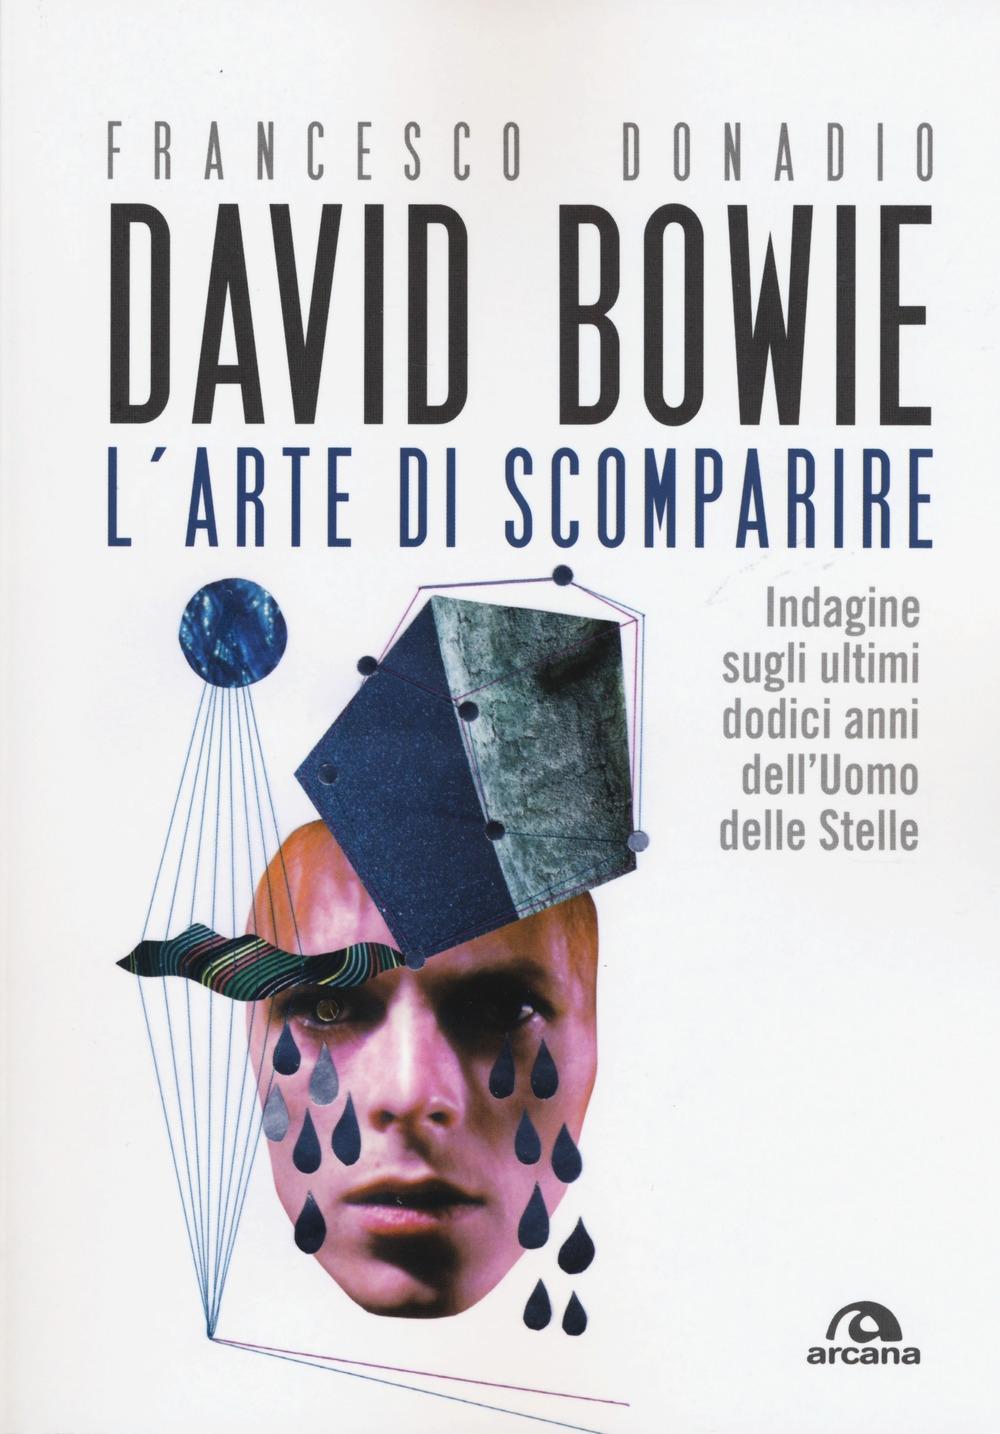 David Bowie. L'arte di scomparire. Indagine sugli ultimi dodici anni dell'Uomo delle stelle